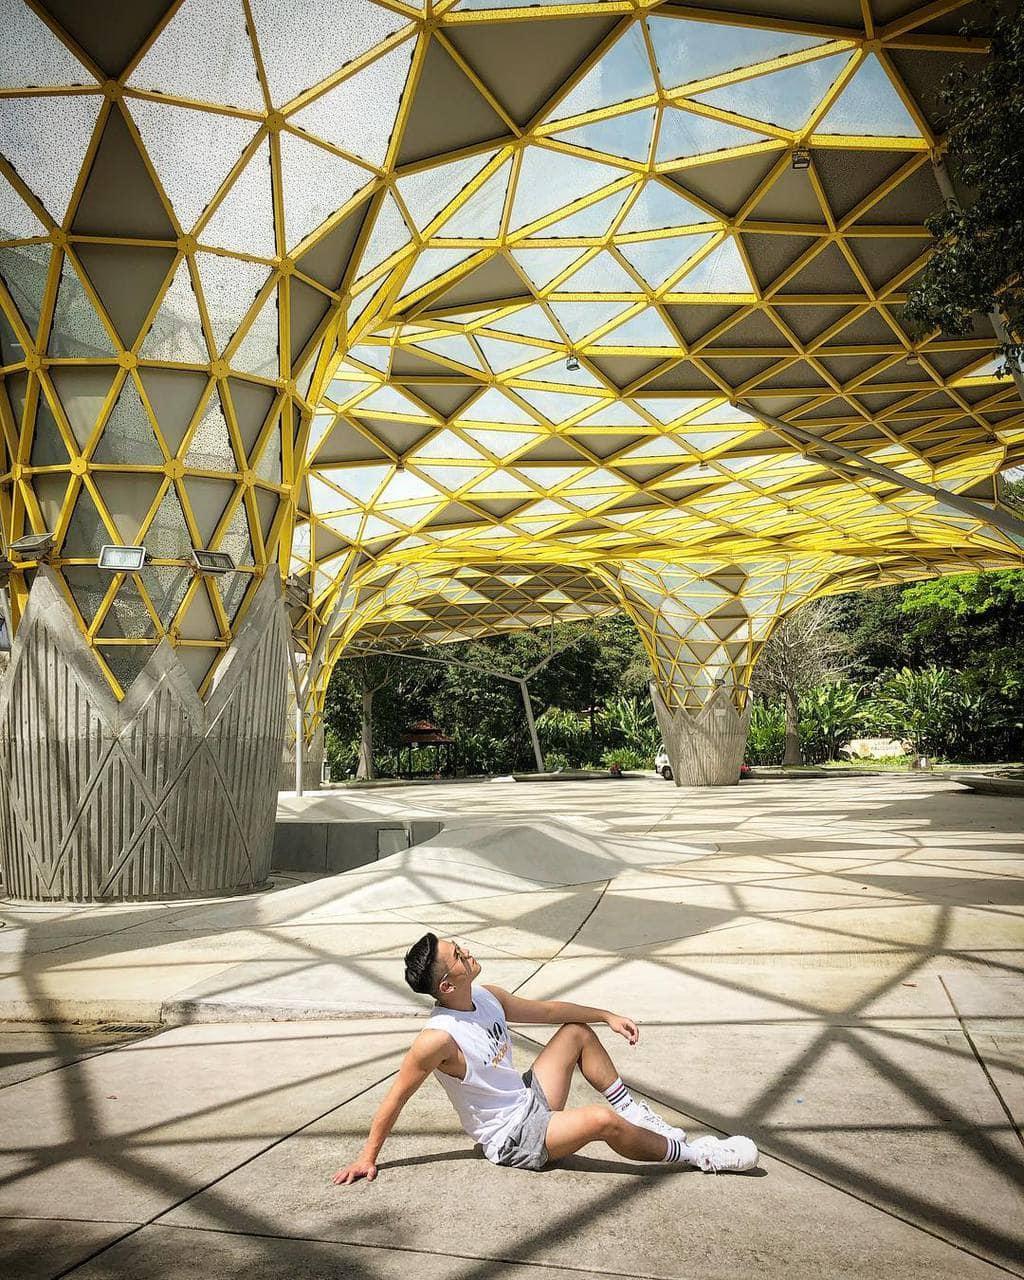 Perdana Botanical Gardens Kuala Lumpur by @garsacgarsac